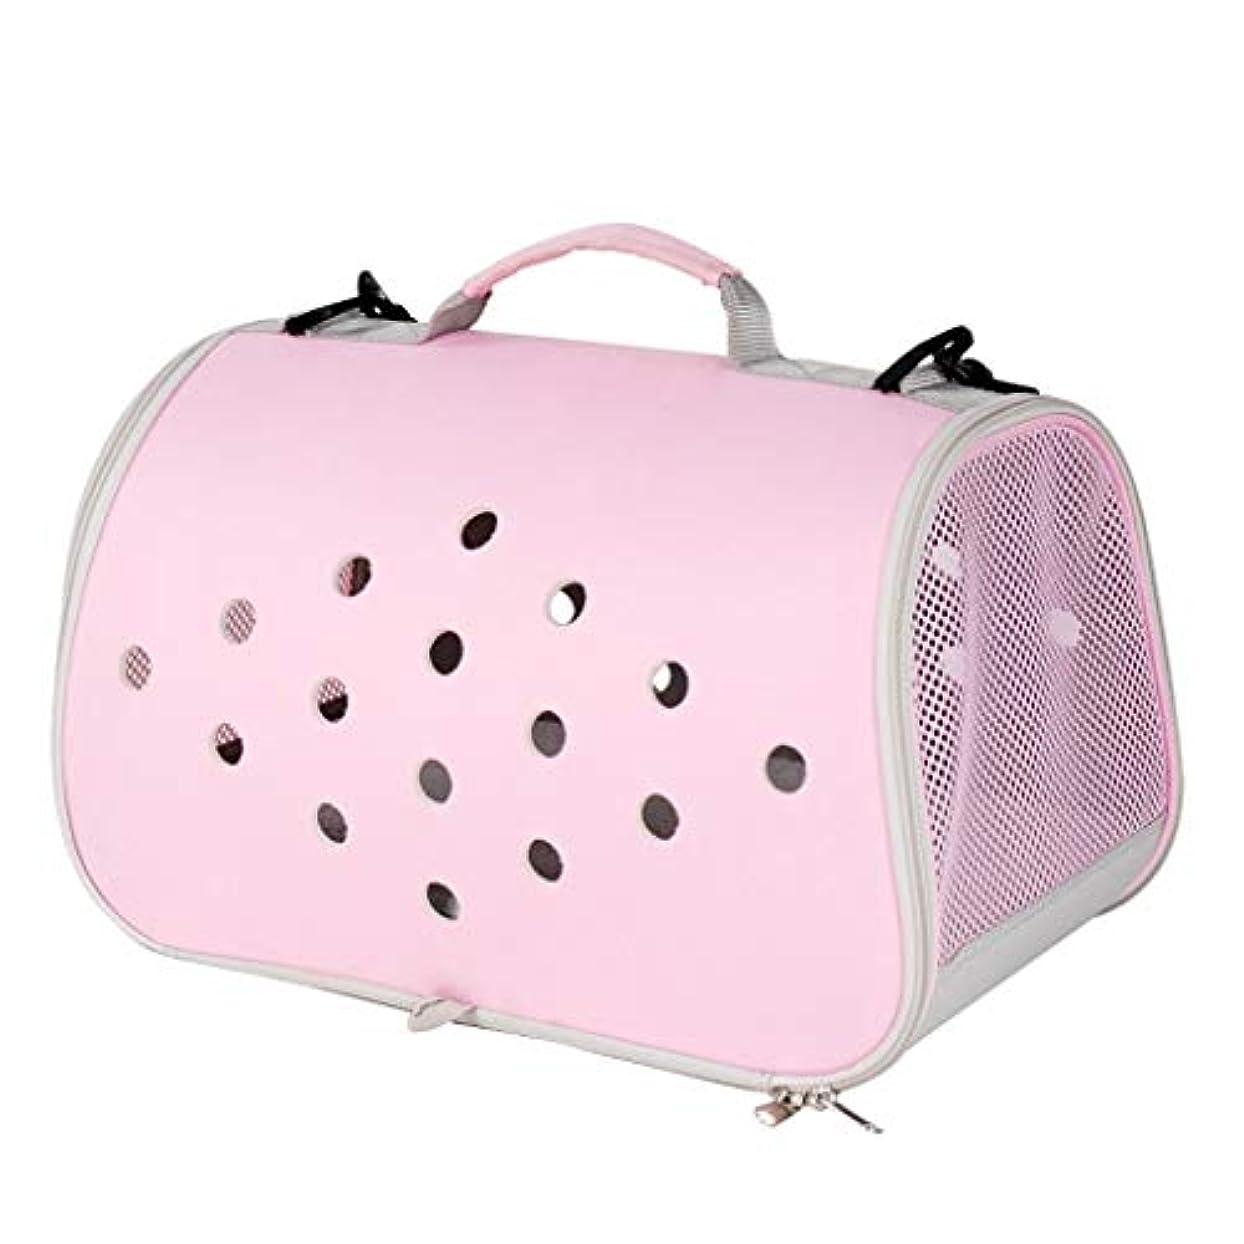 カバレッジ着服八百屋RMXMY ポータブルペットバッグテディ犬入浴猫ケージ小さな旅行便利なシンプルな創造的人格ペットバッグ (Color : C)